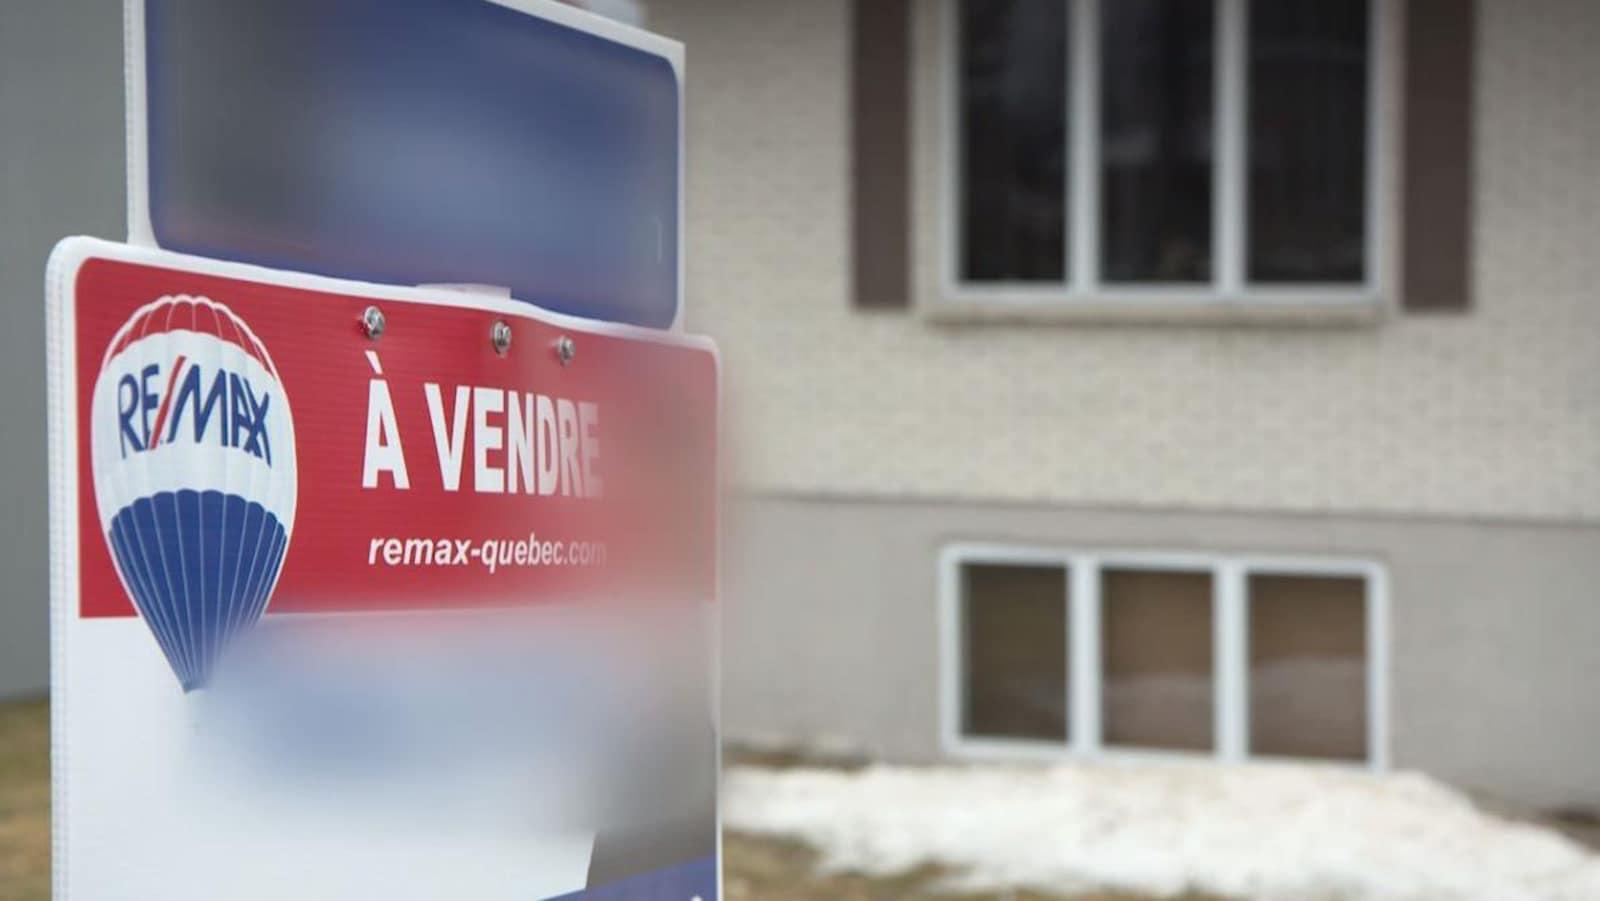 Une affiche À vendre devant un bungalow